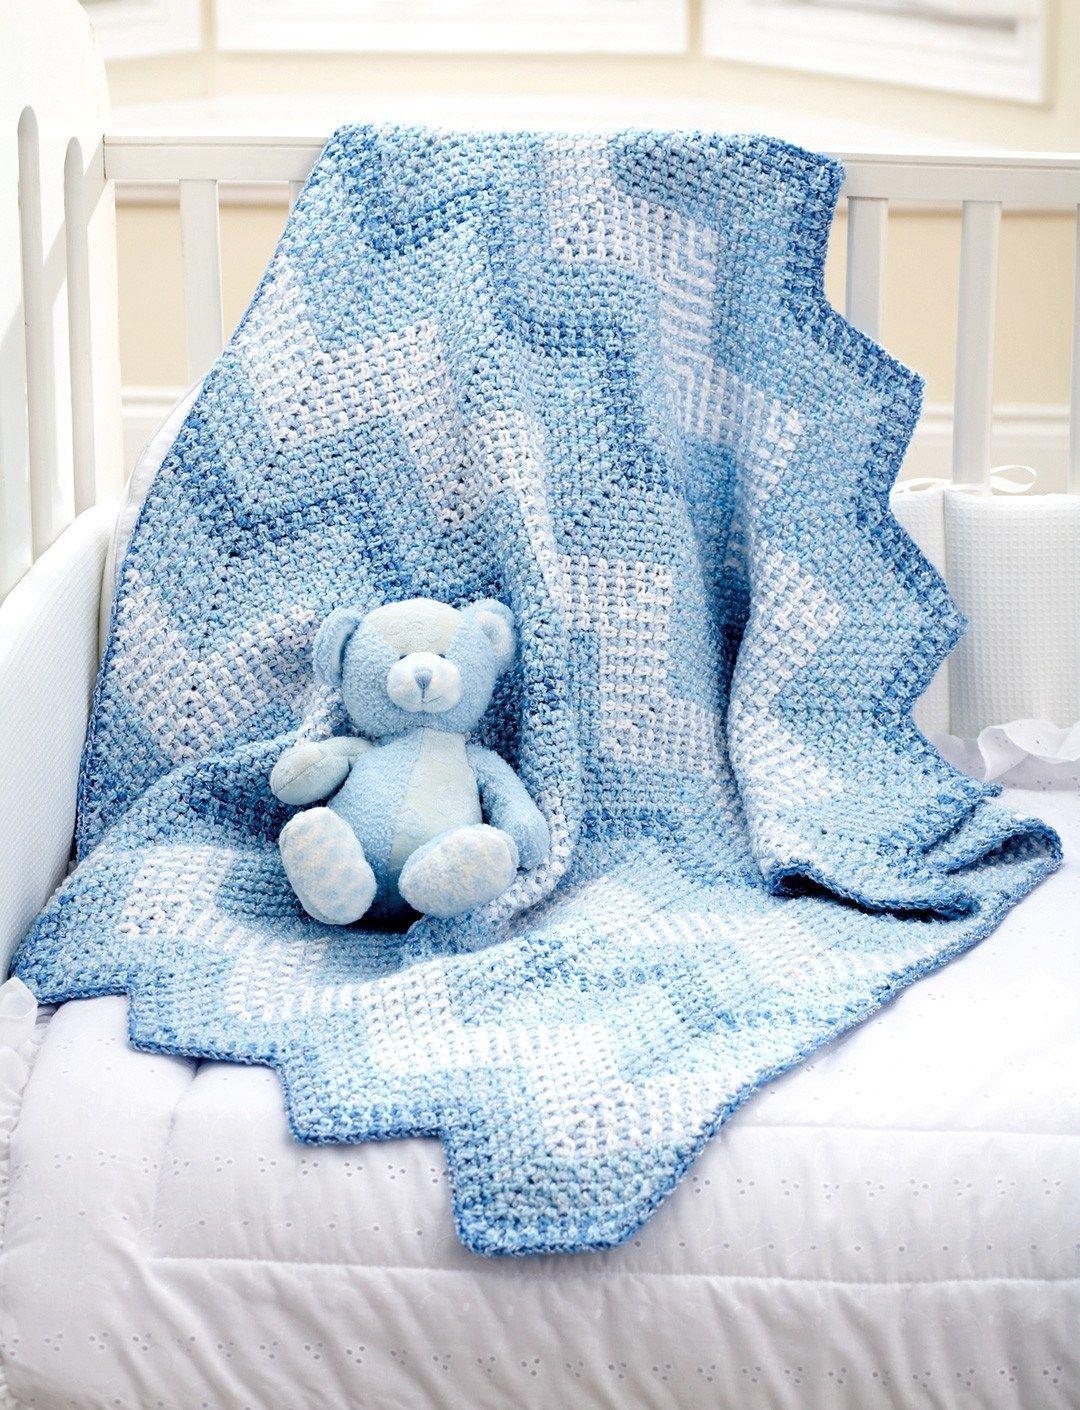 Crochet Baby Blankets for Boys